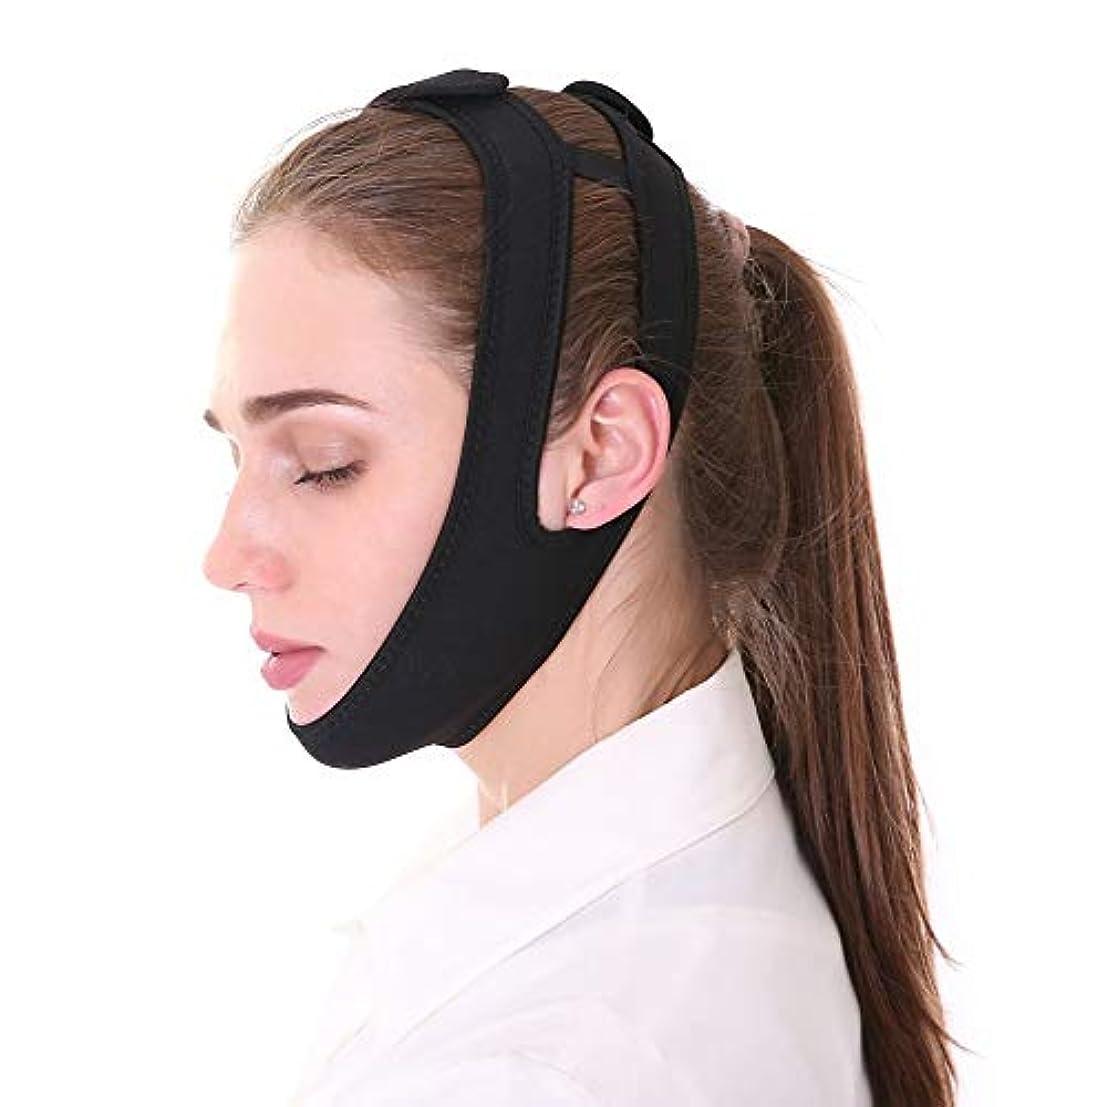 懺悔拳コンドームフェイスリフティングベルト、顔形のフェイスリフティング包帯、顔のリフティング、ファーミング、アンチ二重あご、改善された咬筋手術マスク、2色 (Color : A)